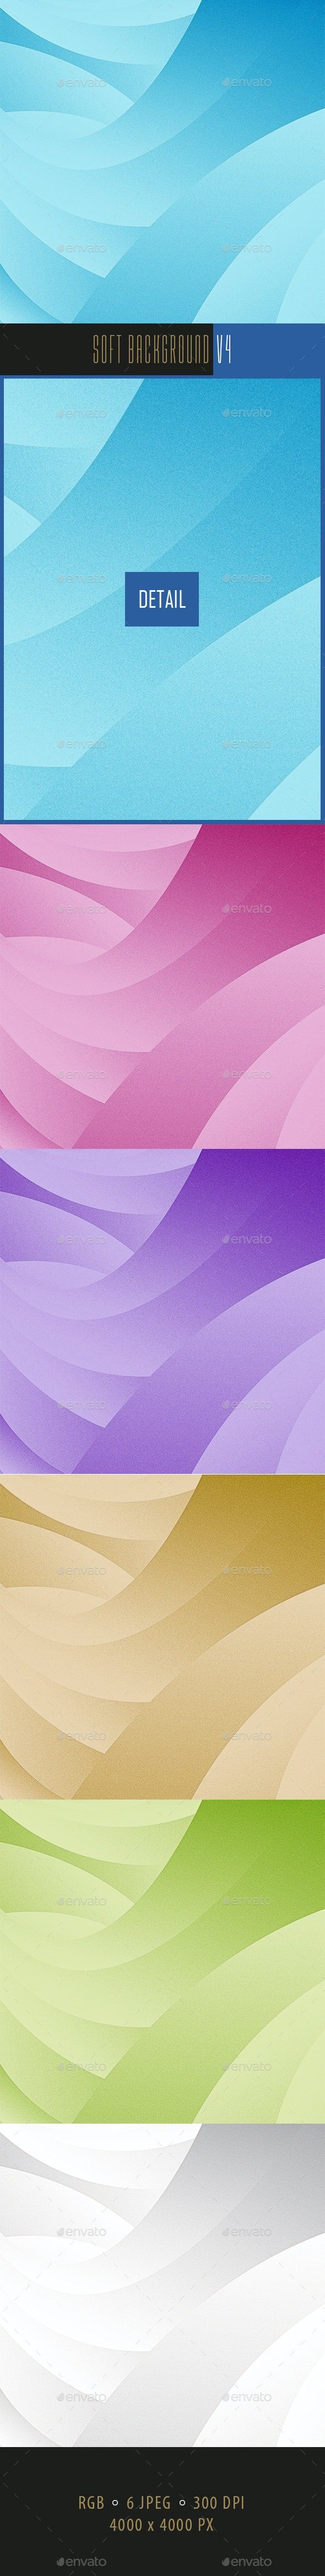 Soft Background v4 - Backgrounds Graphics